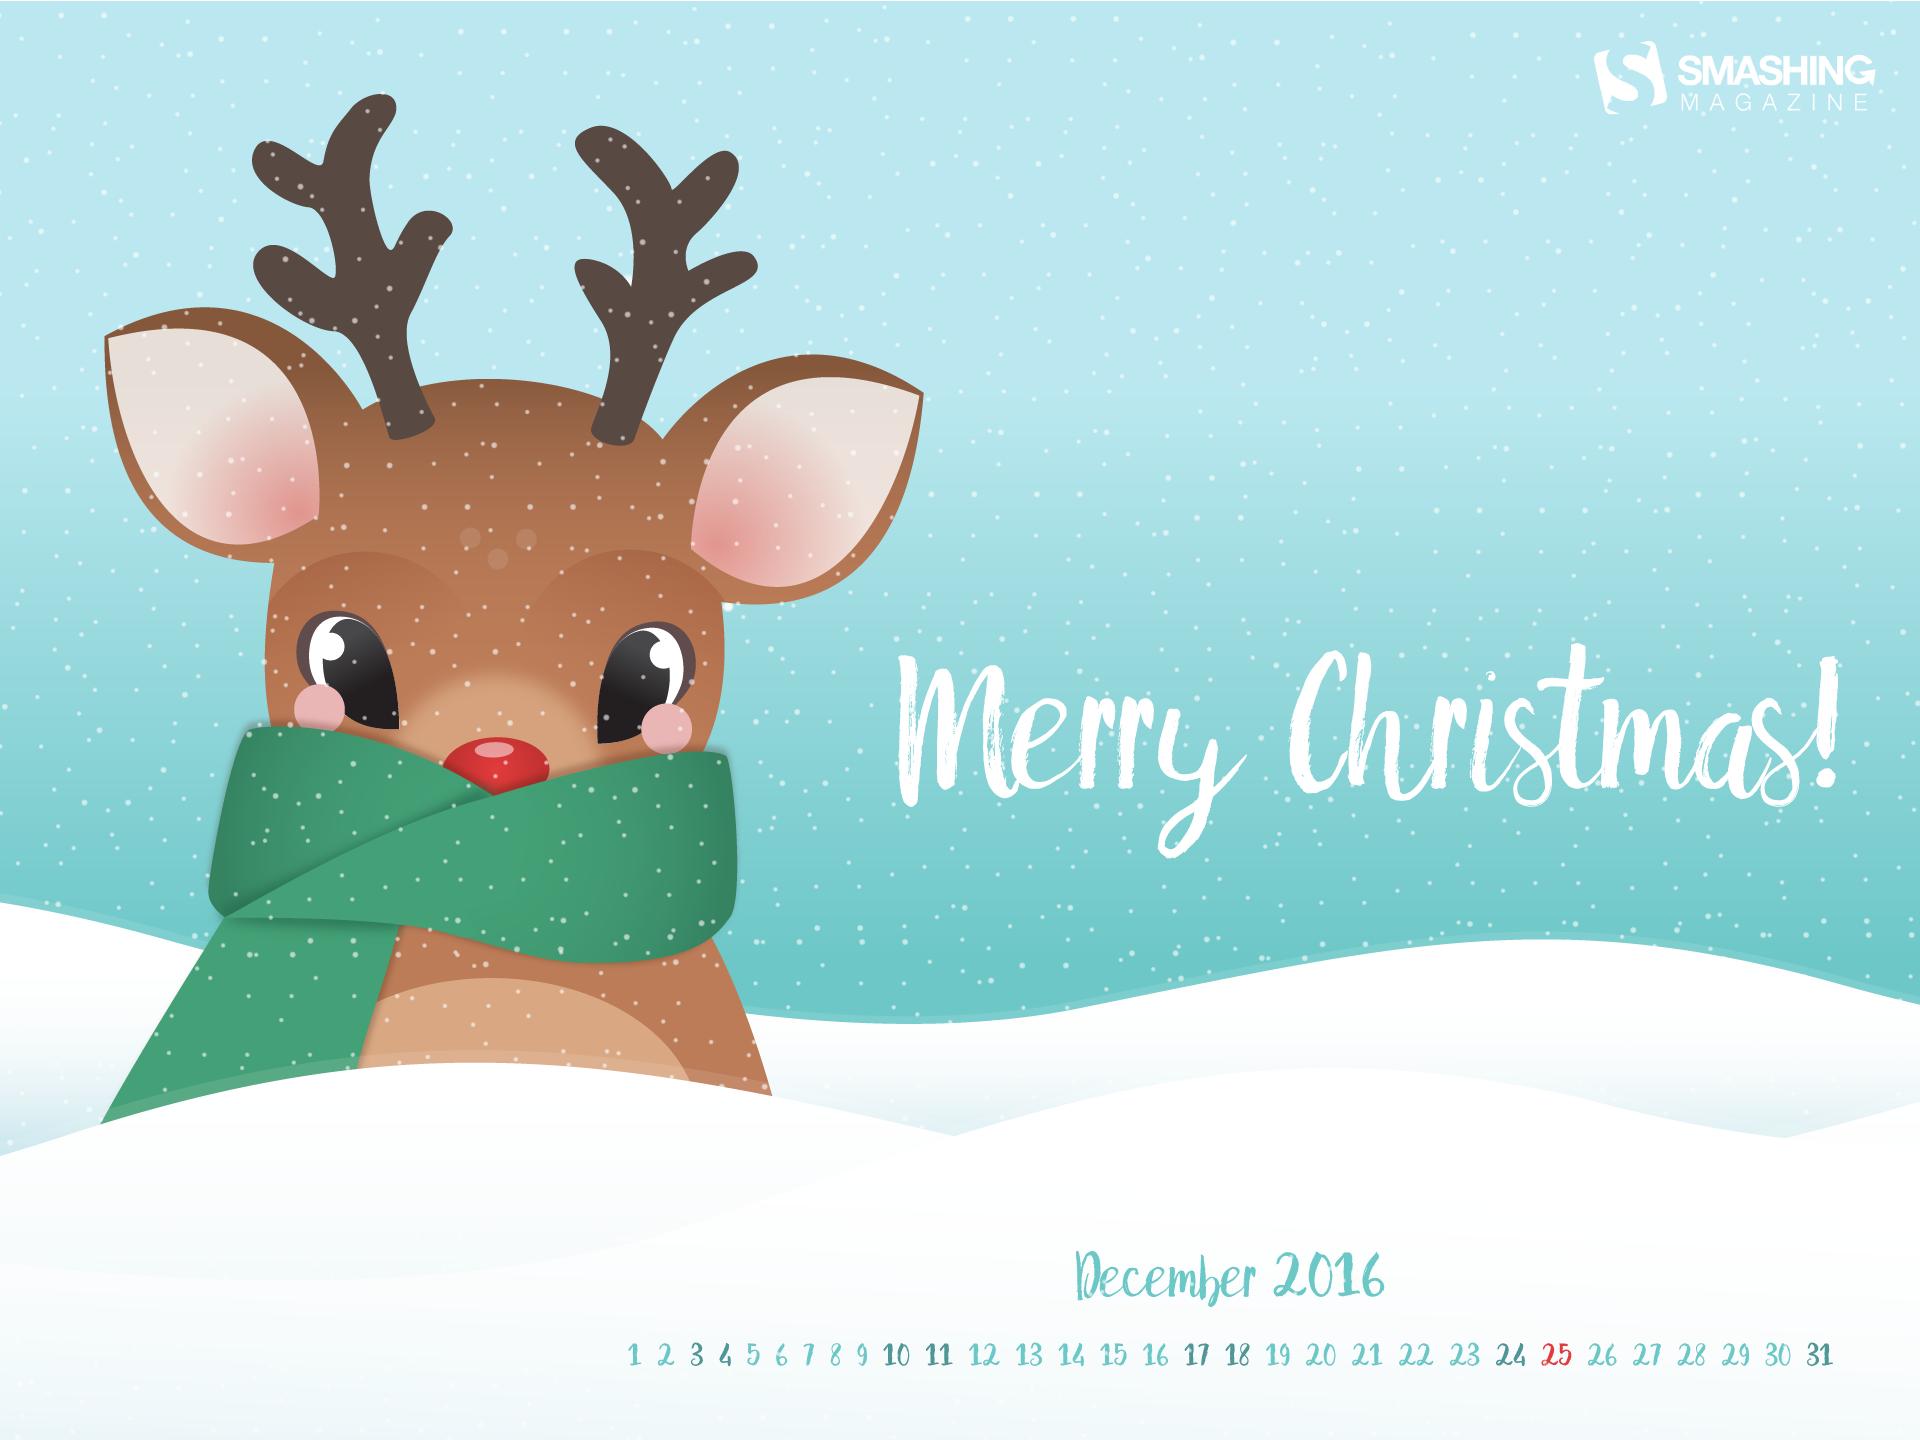 Desktop Wallpaper Calendars: December